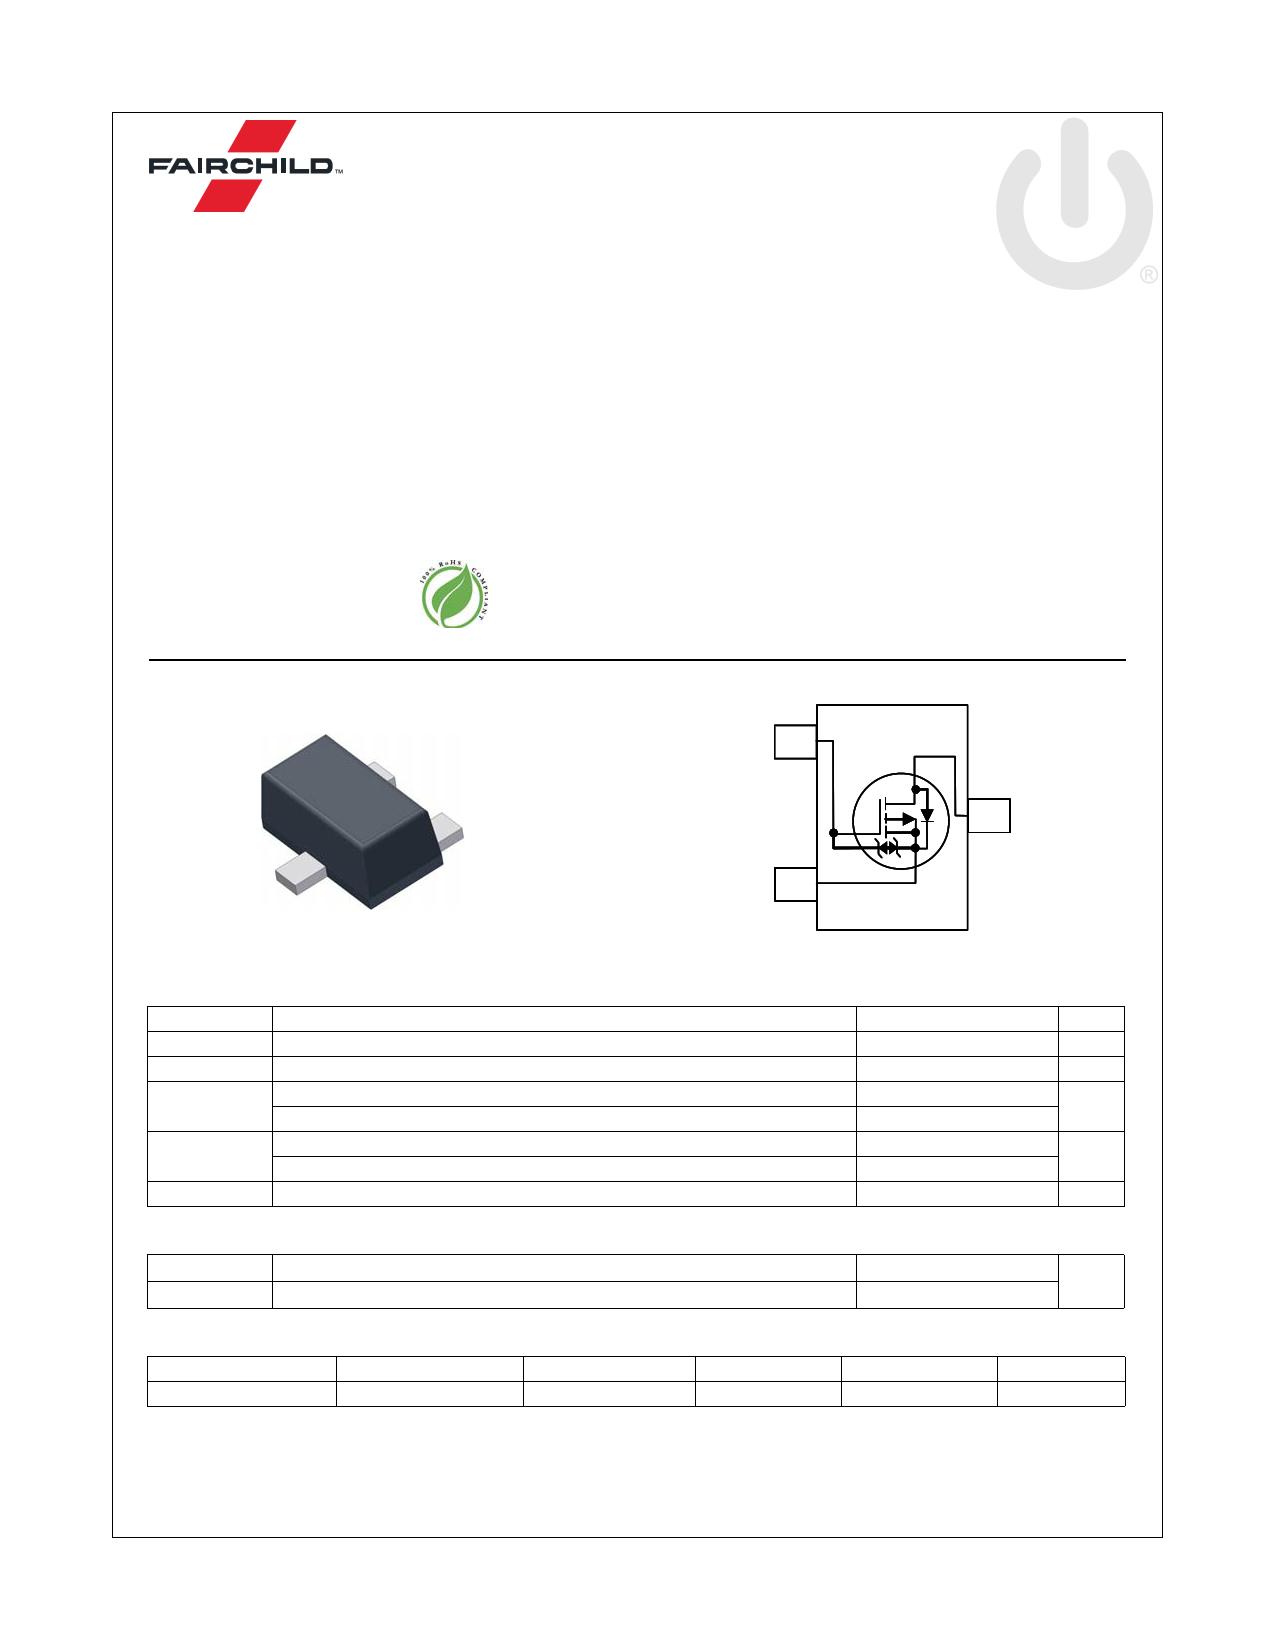 FDY102PZ 데이터시트 및 FDY102PZ PDF